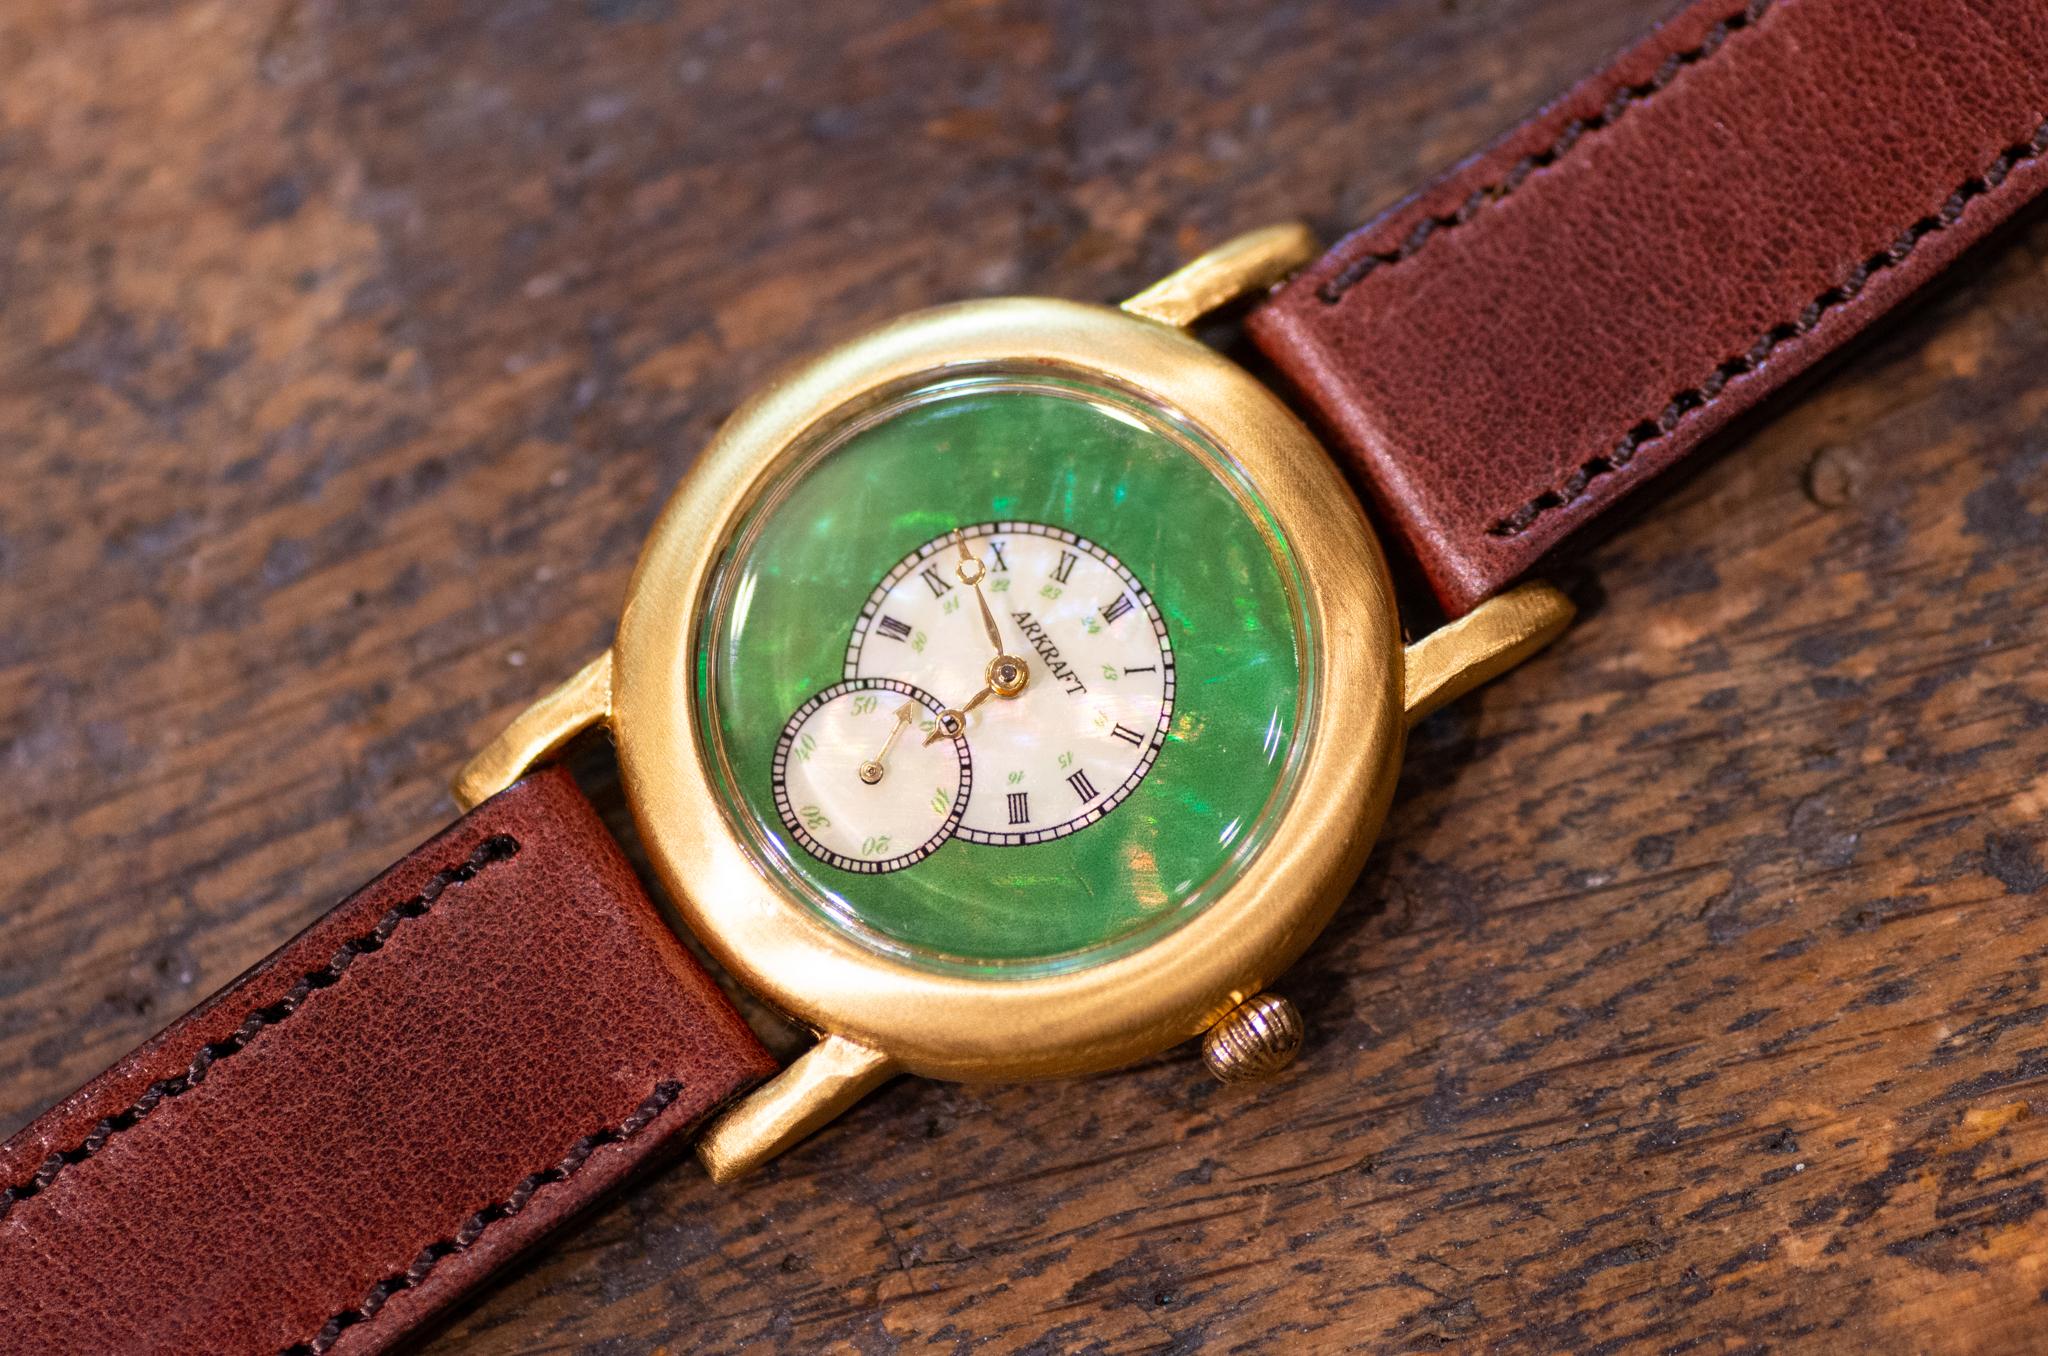 青貝が綺麗なクラシカル感と個性を併せ持った腕時計(Sly Medium/店頭在庫品)